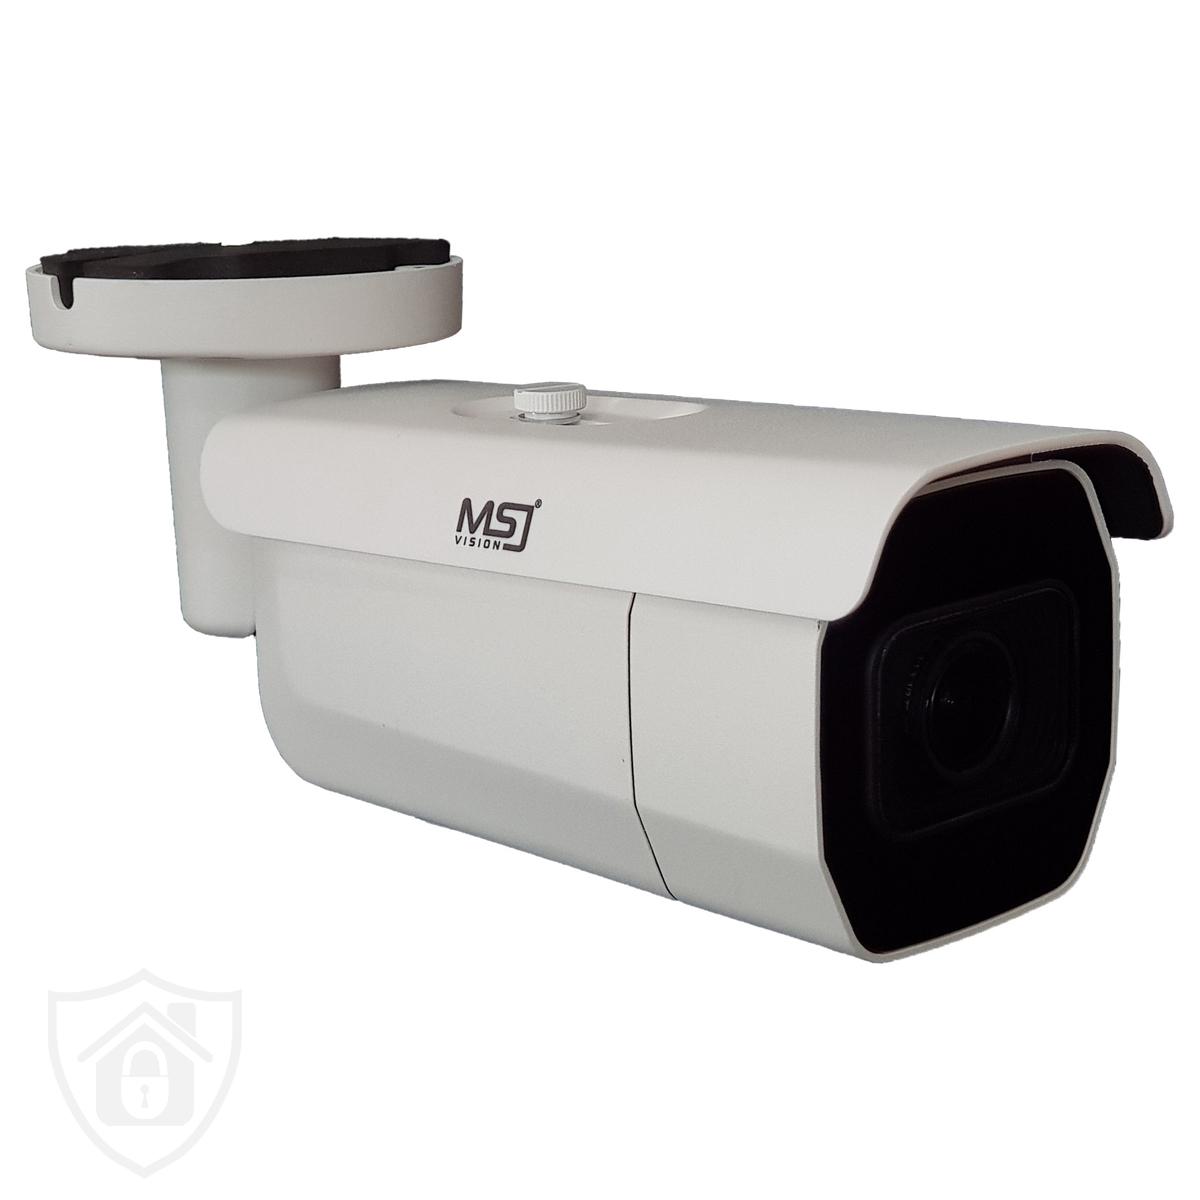 MSJ-IP-8506W-MZ-PRO-5MP 2.7-13.5mm